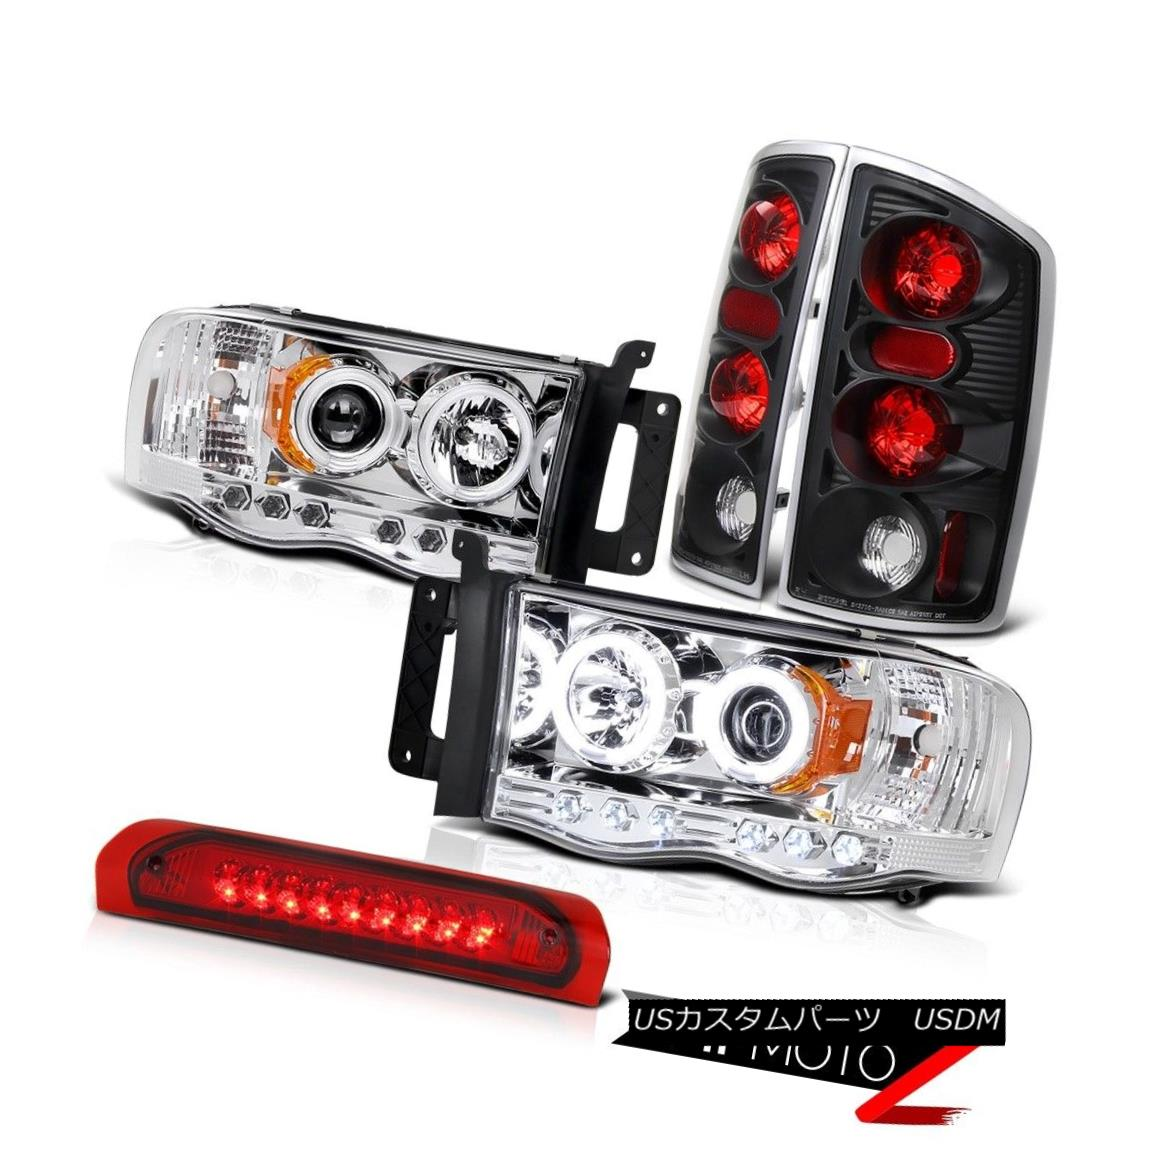 ヘッドライト Black Tail Light+CCFL Angel Eye Projector Headlight+3rd Brake Lamp RAM 02-05 ブラックテールライト+ CCFLエンジェルアイプロジェクターヘッドライト+ 3rdブレーキランプRAM 02-05